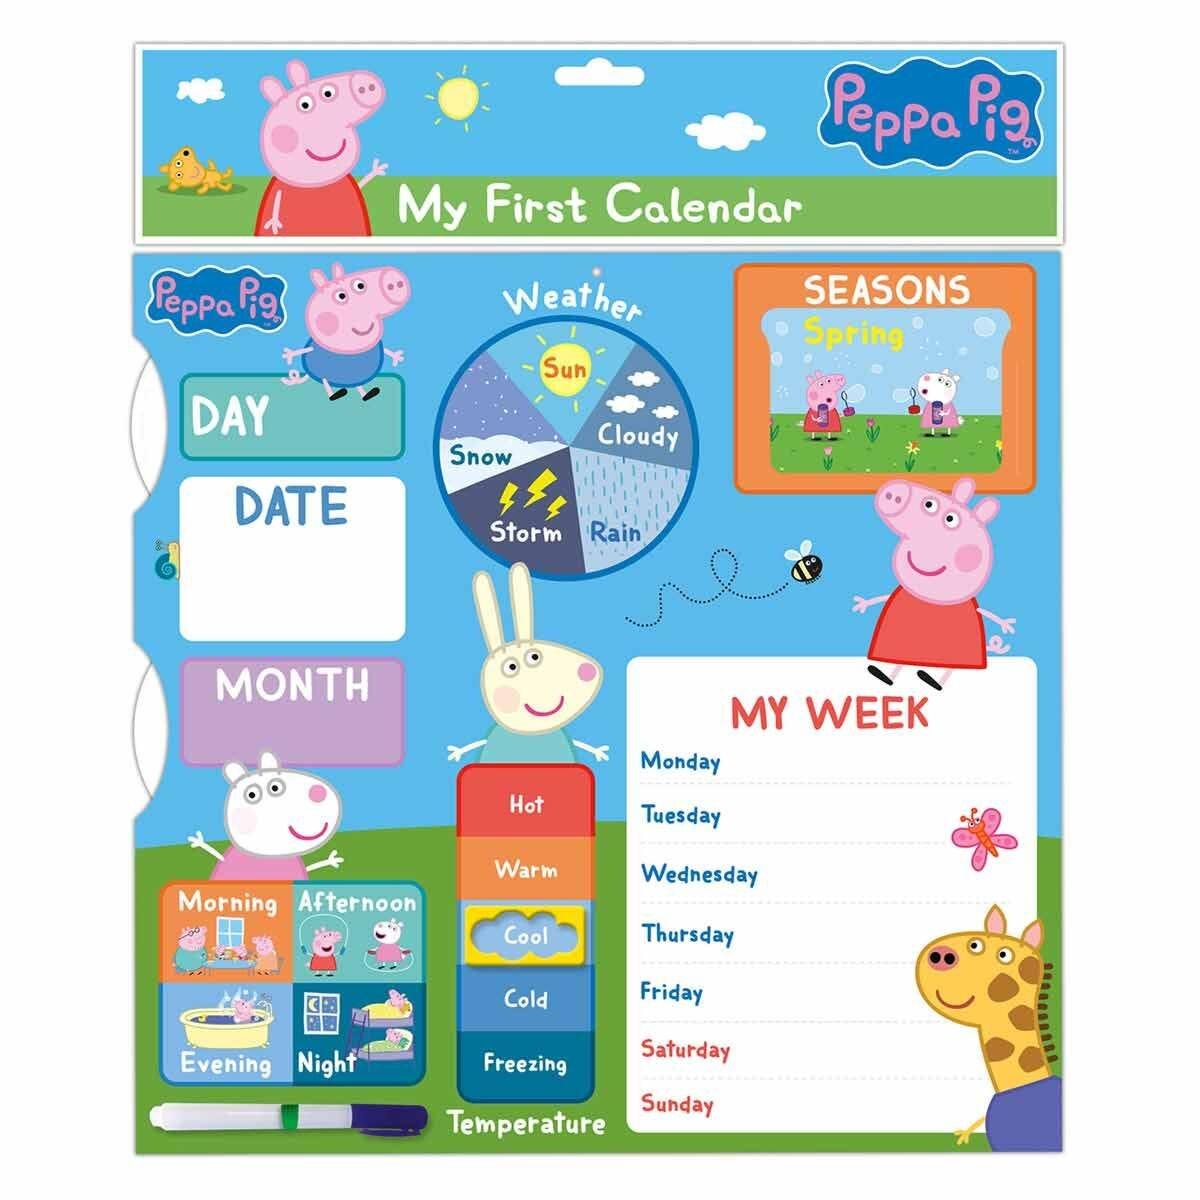 Peppa Pig My First Calendar Wall Calendar 2021